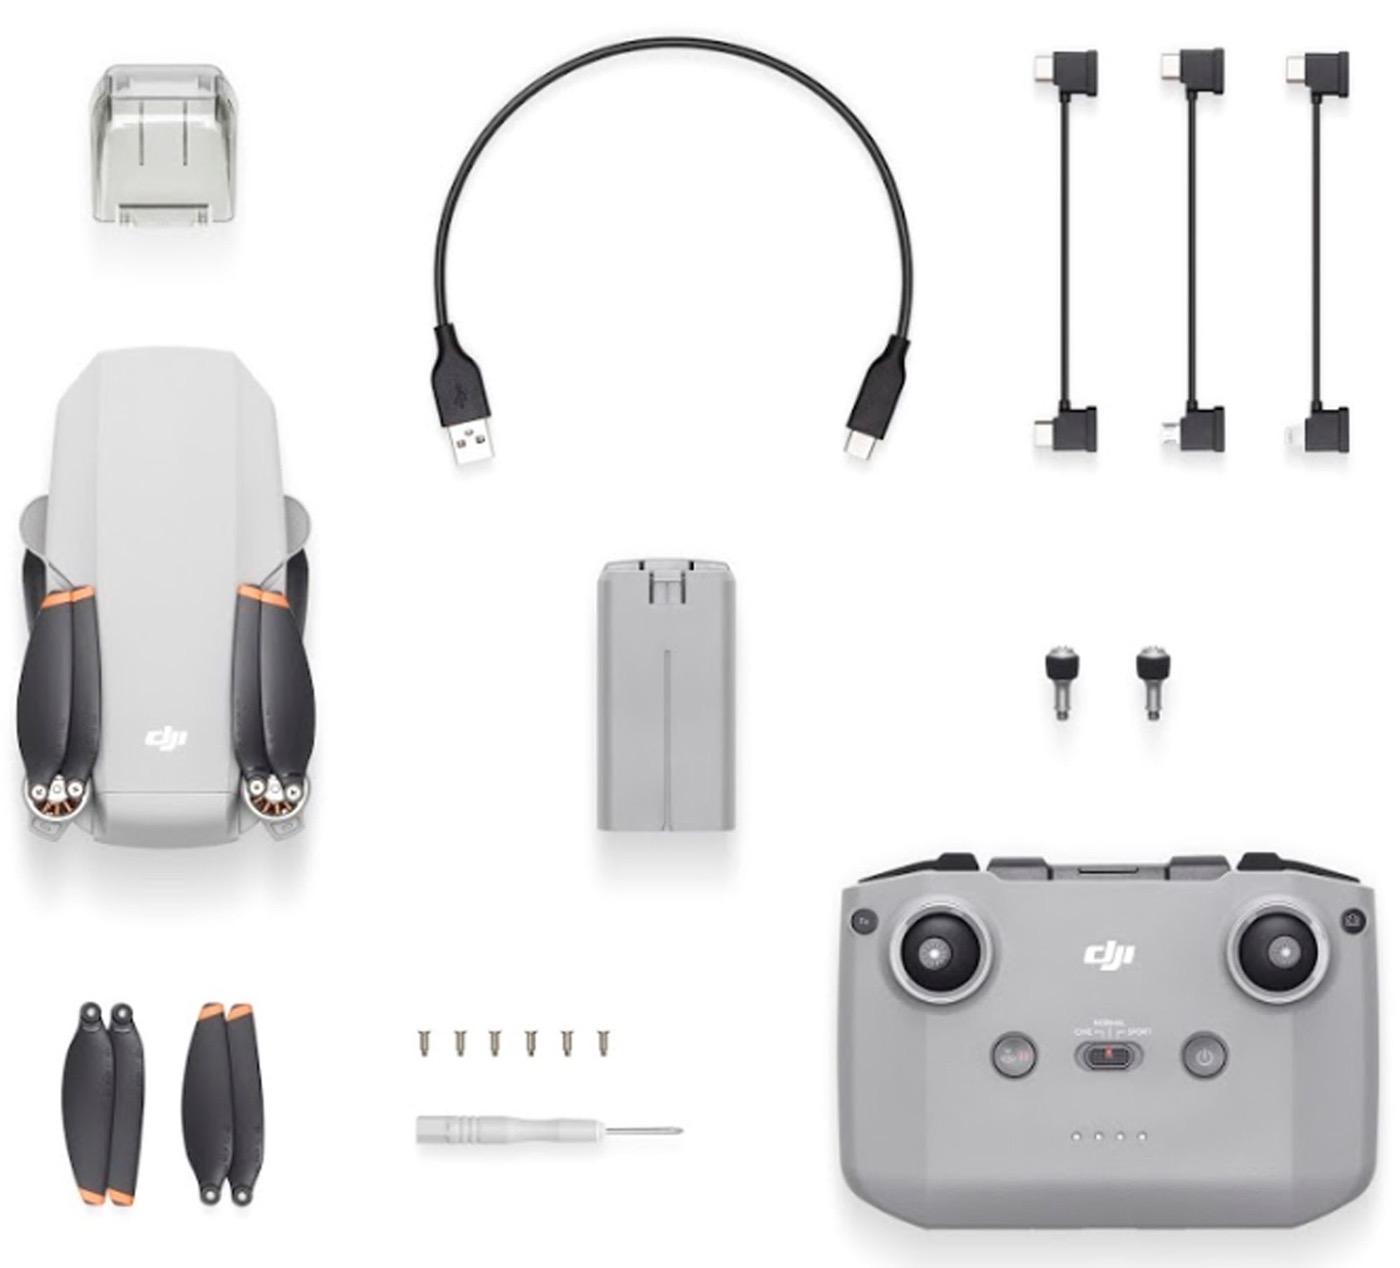 DJI MiniSE Drone 01